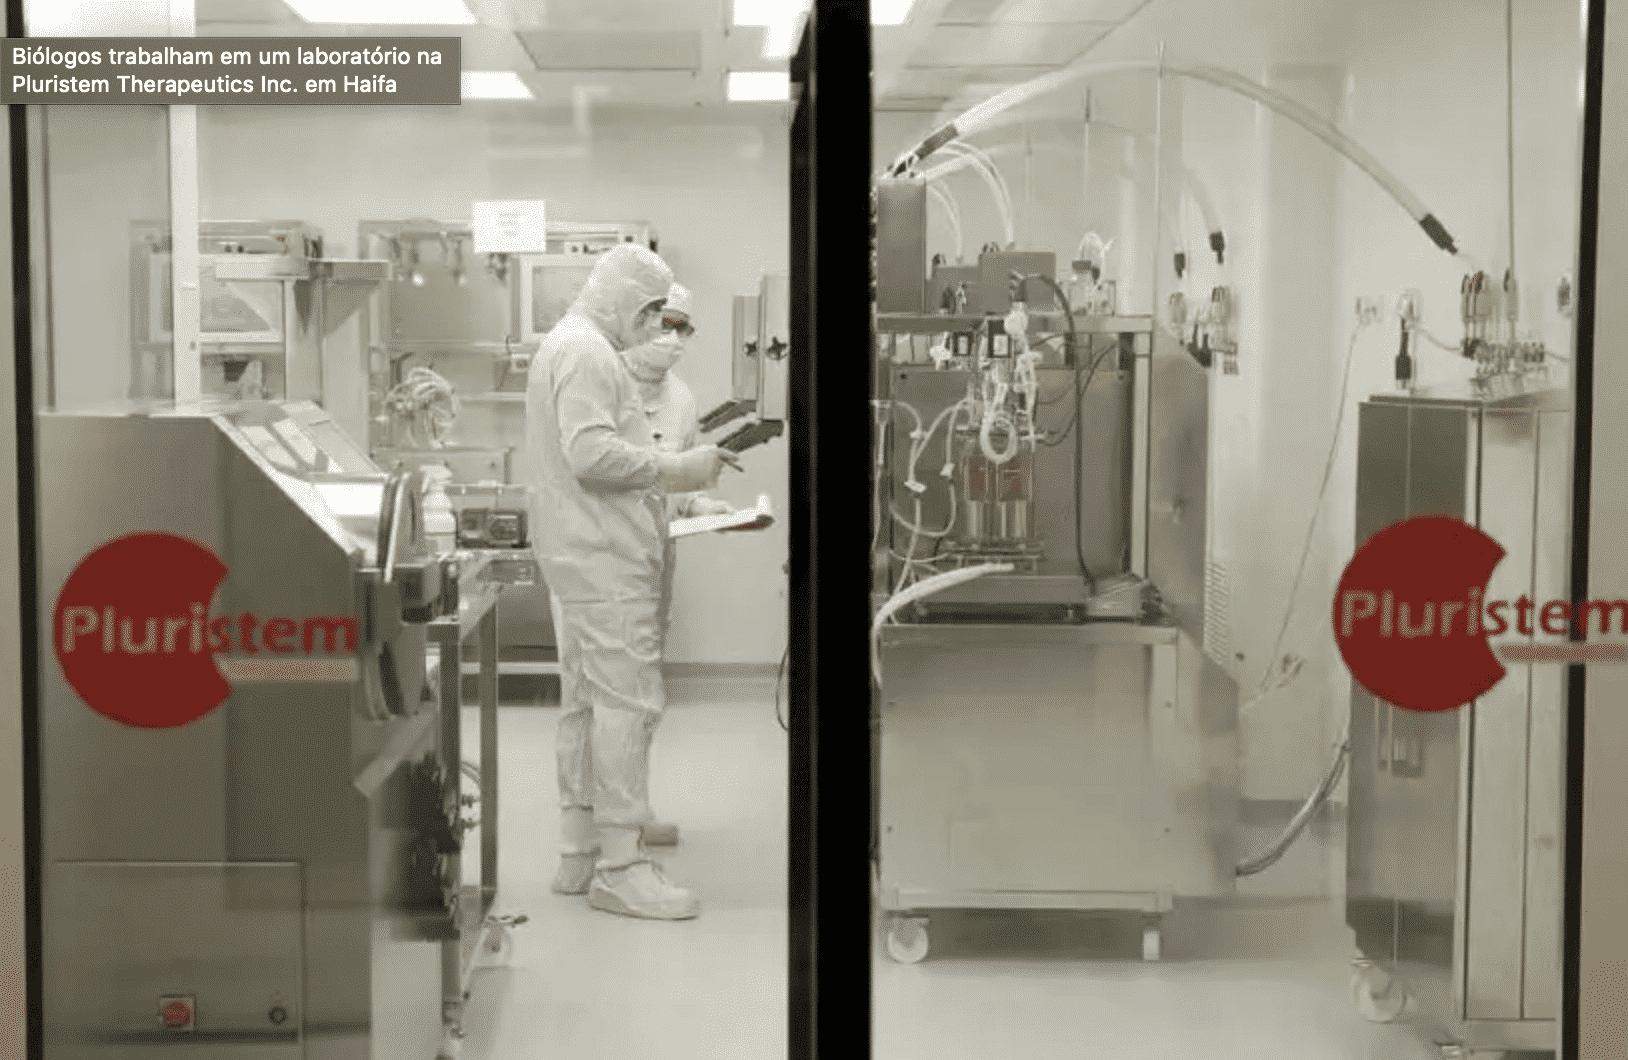 Tratamento testado em Israel ajudou 100% dos pacientes